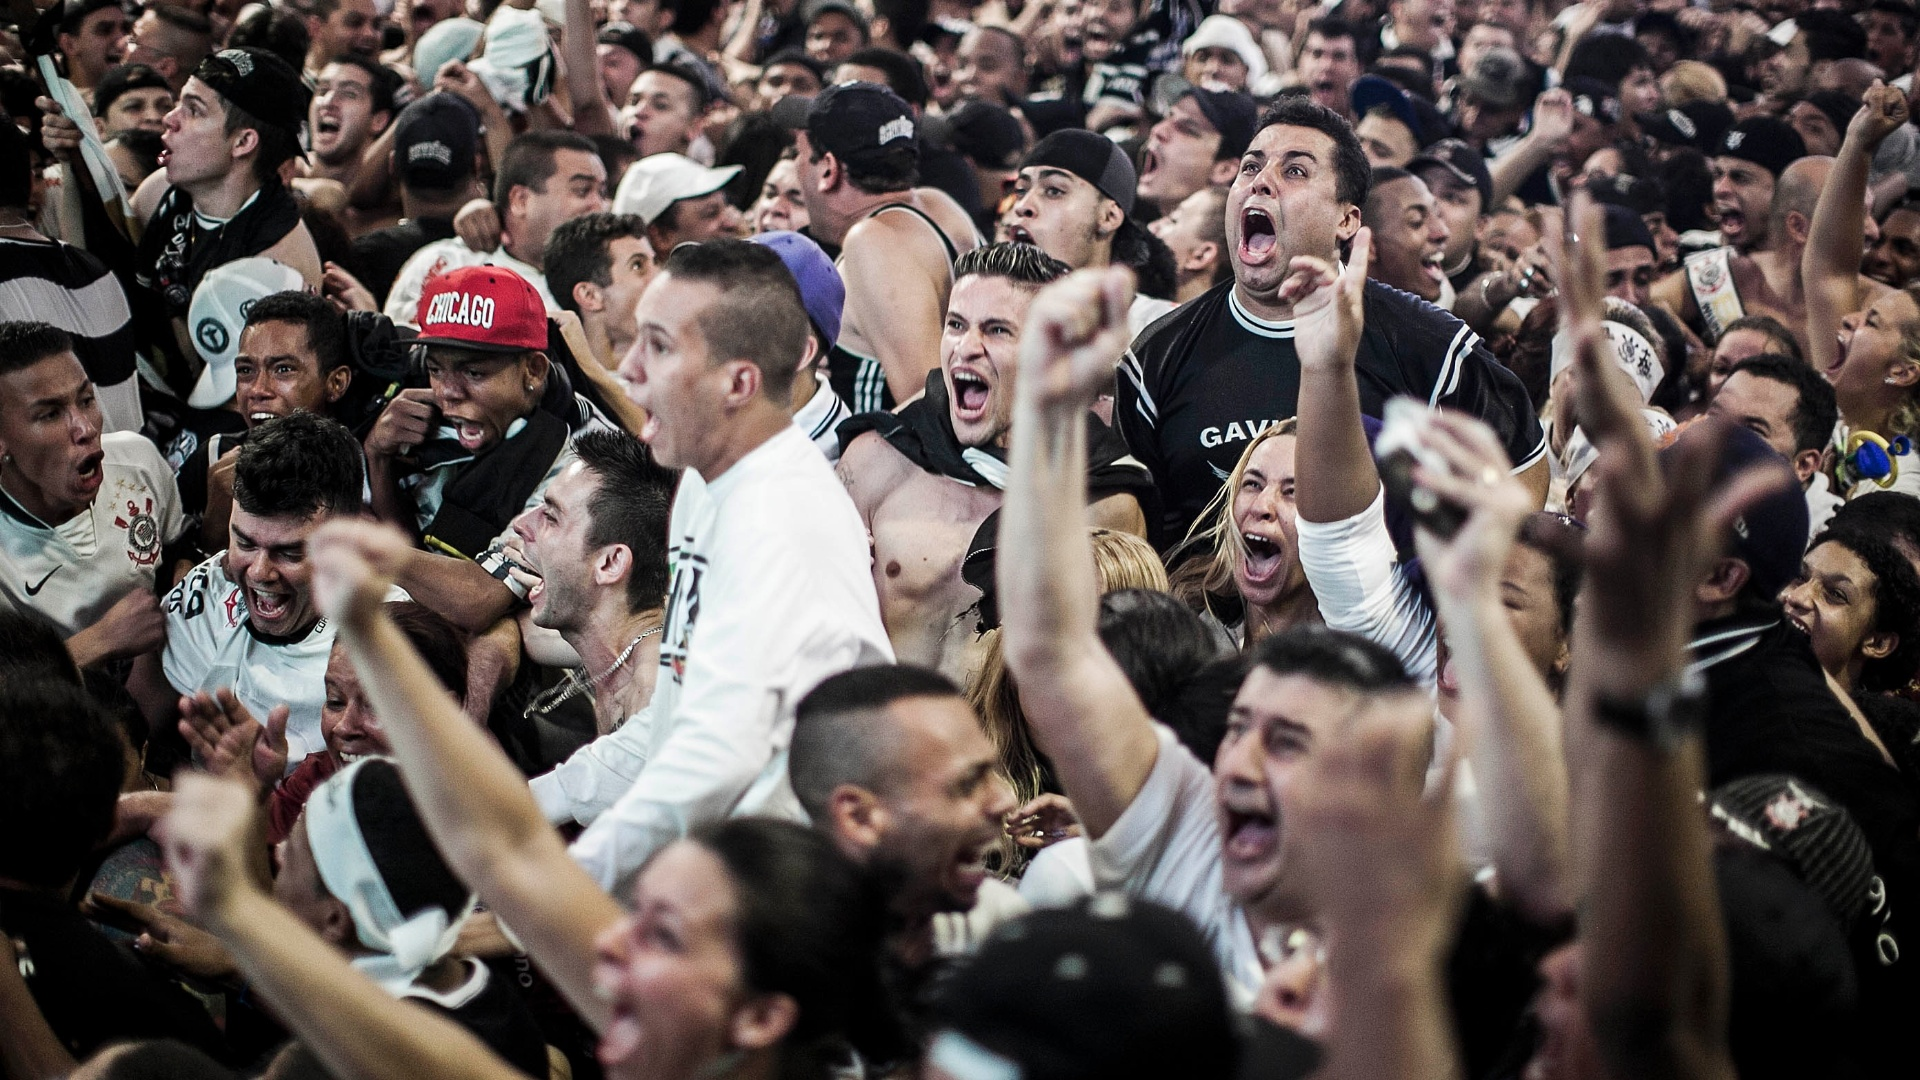 16.dez.2012 - Na quadra da Gaviões da Fiel, torcedores do Corinthians comemoram a conquista do Mundial de Clubes da Fifa, após a vitória por 1 a 0 da equipe alvinegra sobre o Chelsea, da Inglaterra. Cerca de 6 mil fãs estiveram no local